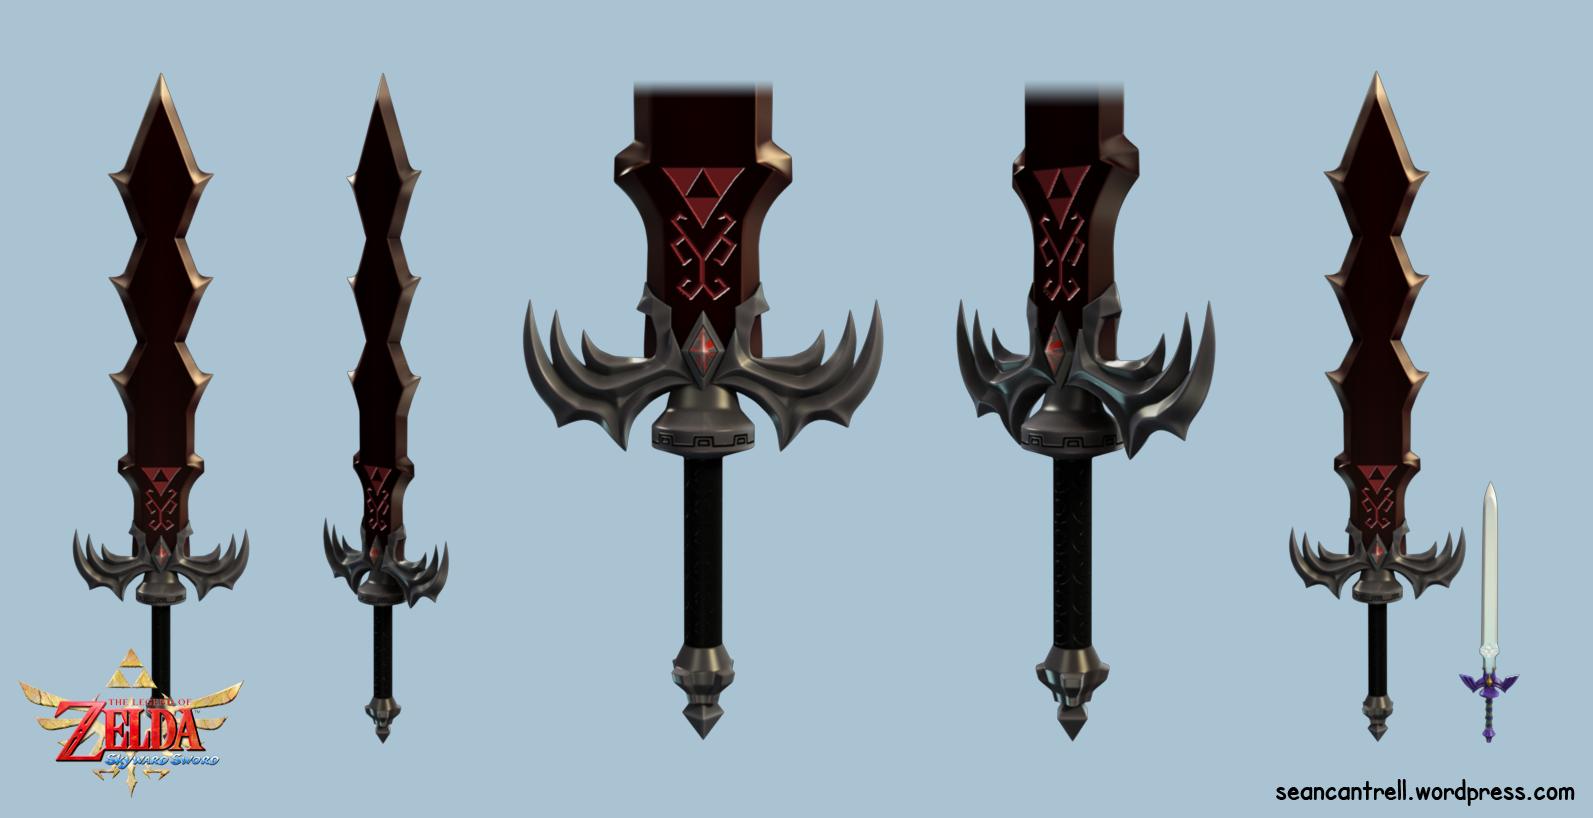 vs evil swords - photo #43